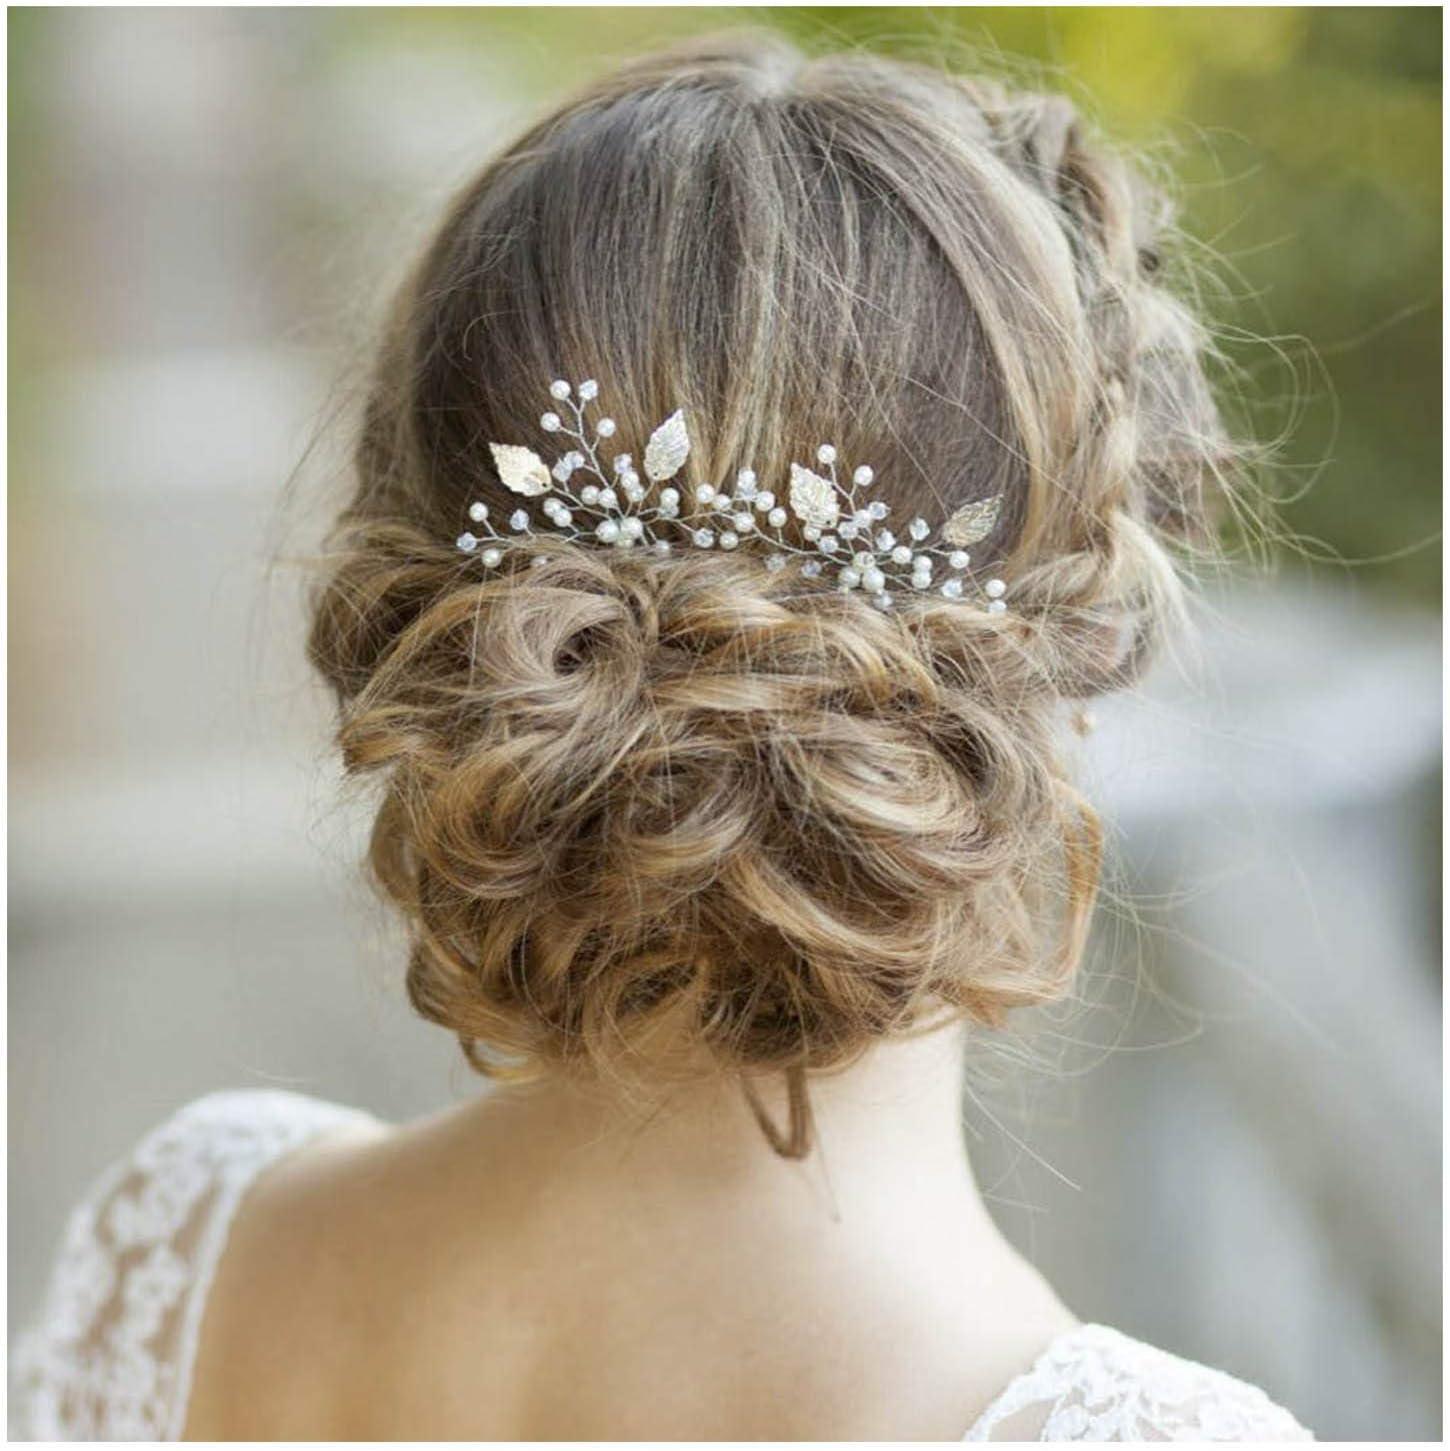 Pearl hair pins set of 7 silver hair pins Pearls hair accessories Wedding pearl headpiece Bridal white bobby hair pins